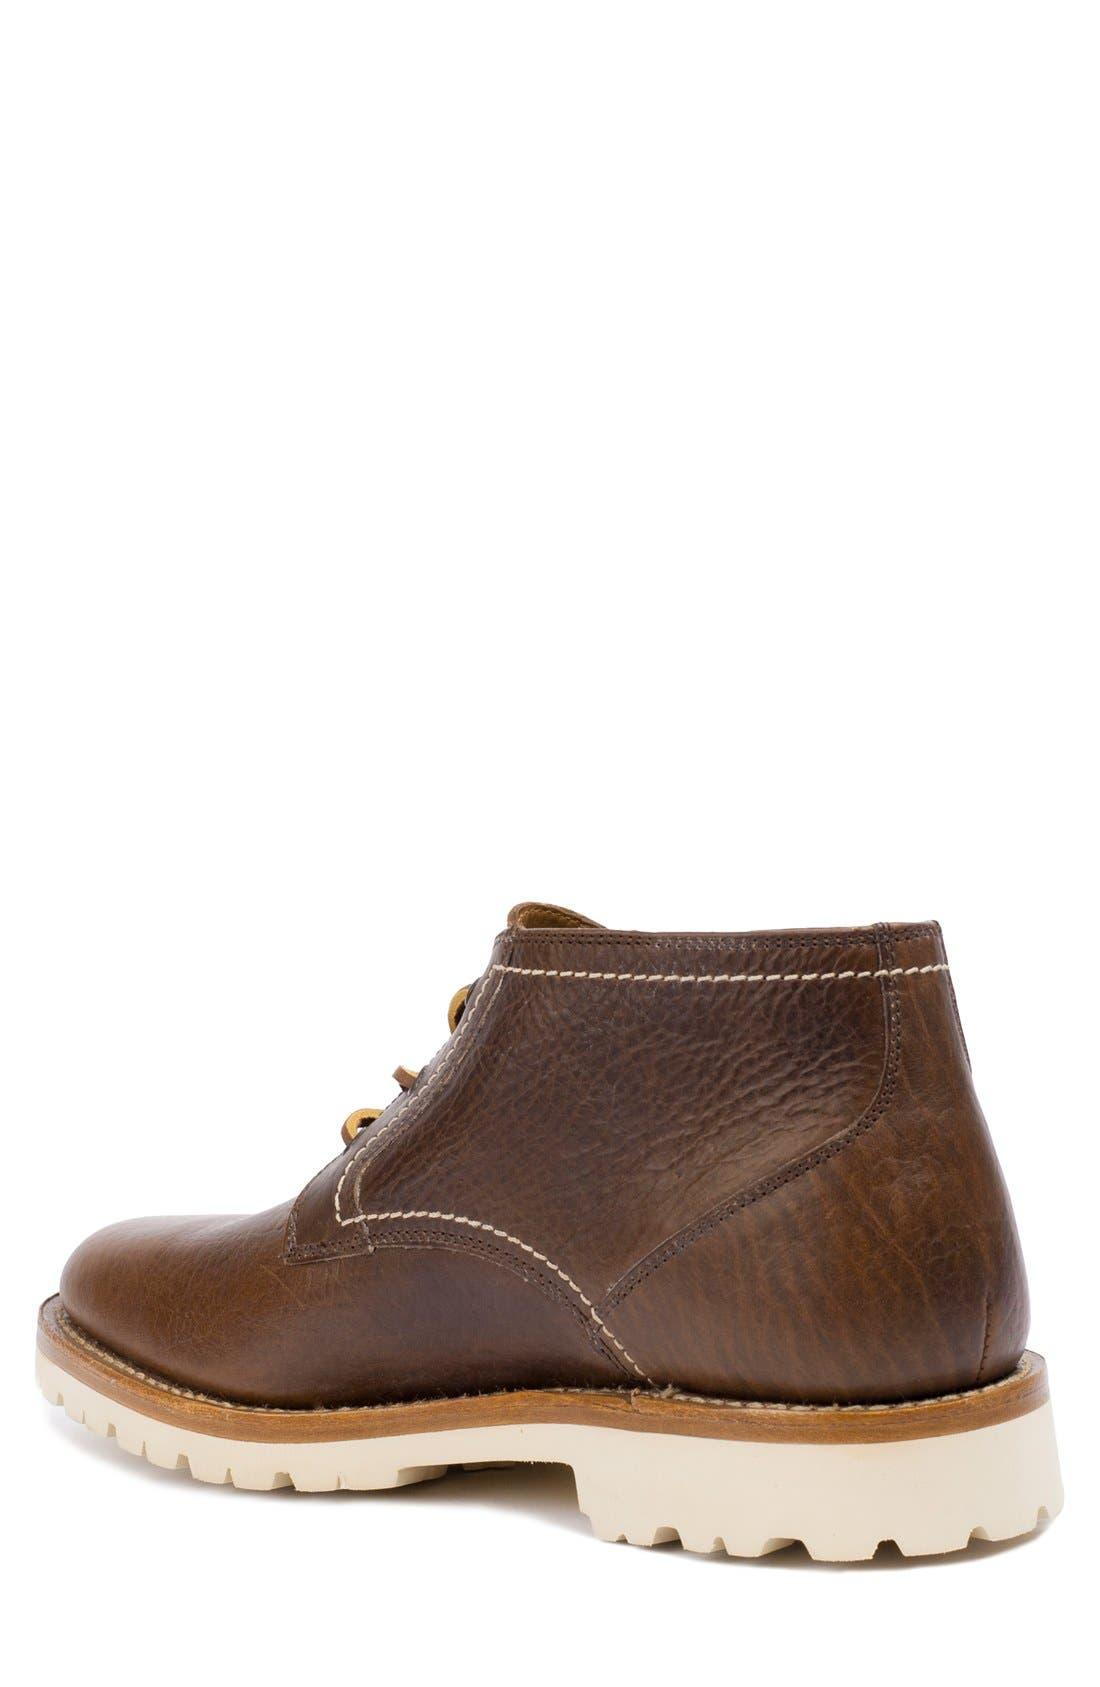 Alternate Image 2  - Trask 'Bighorn' Plain Toe Boot (Men)